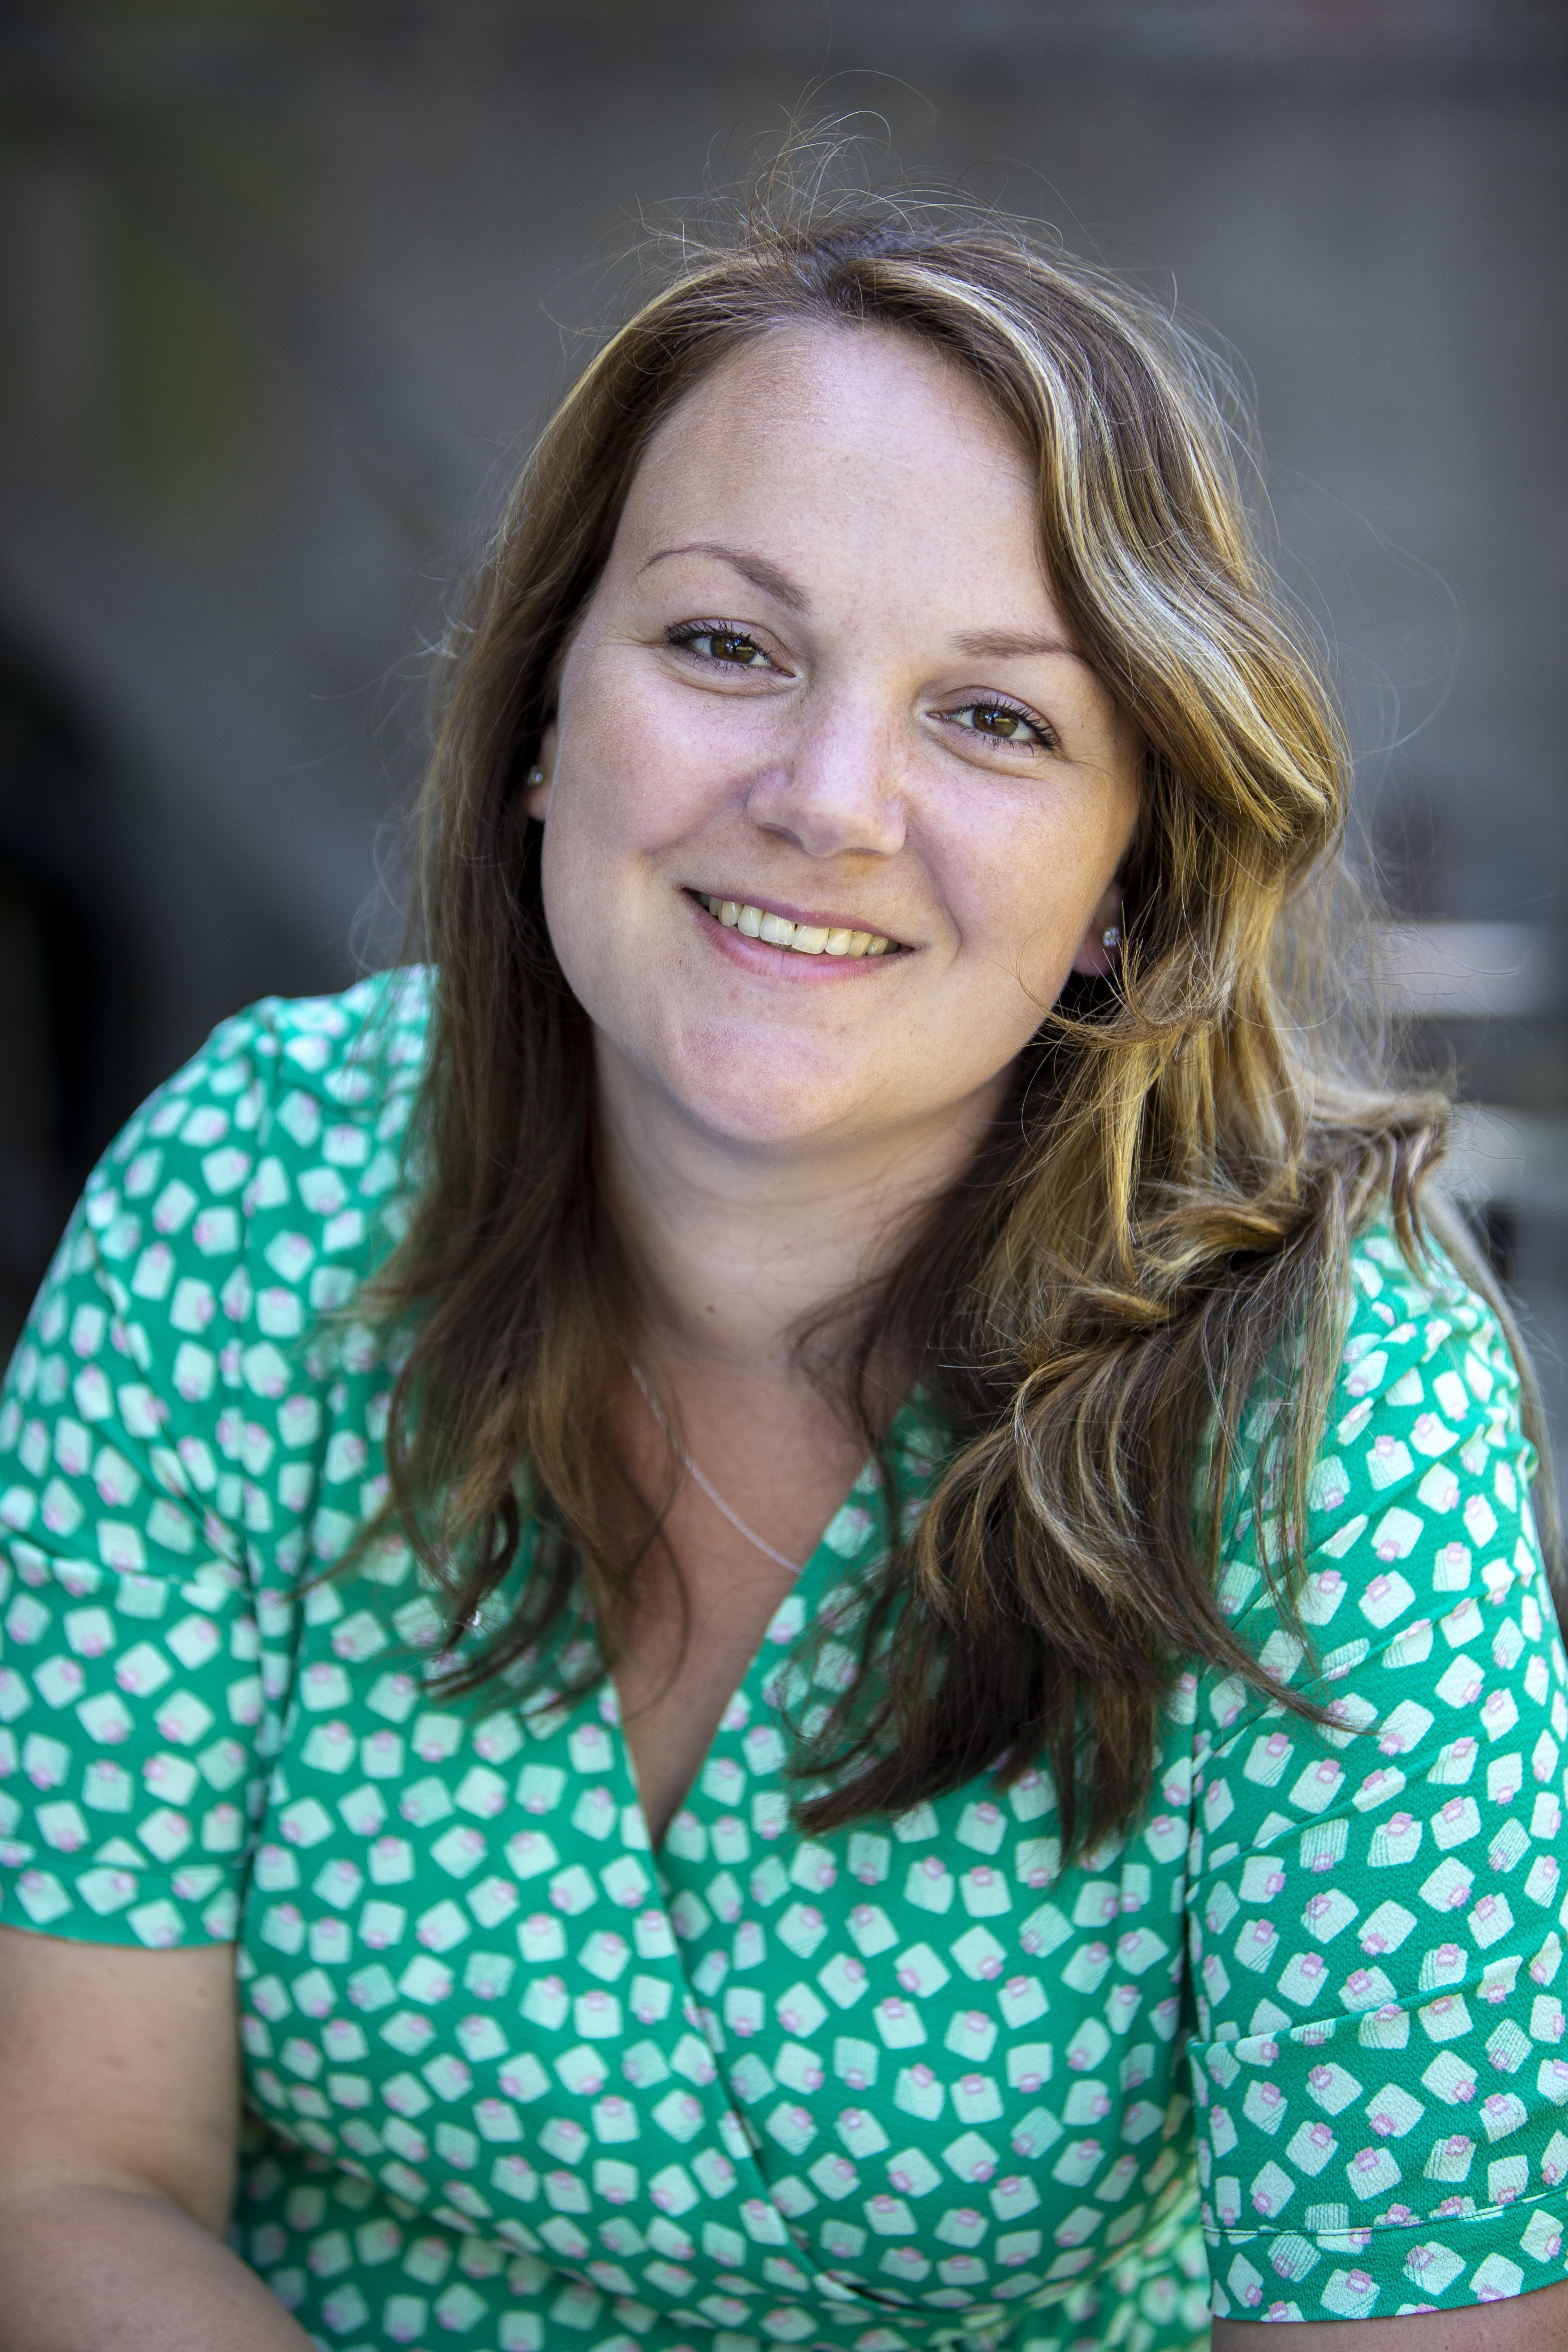 Charlotte Vijnmans - Veens